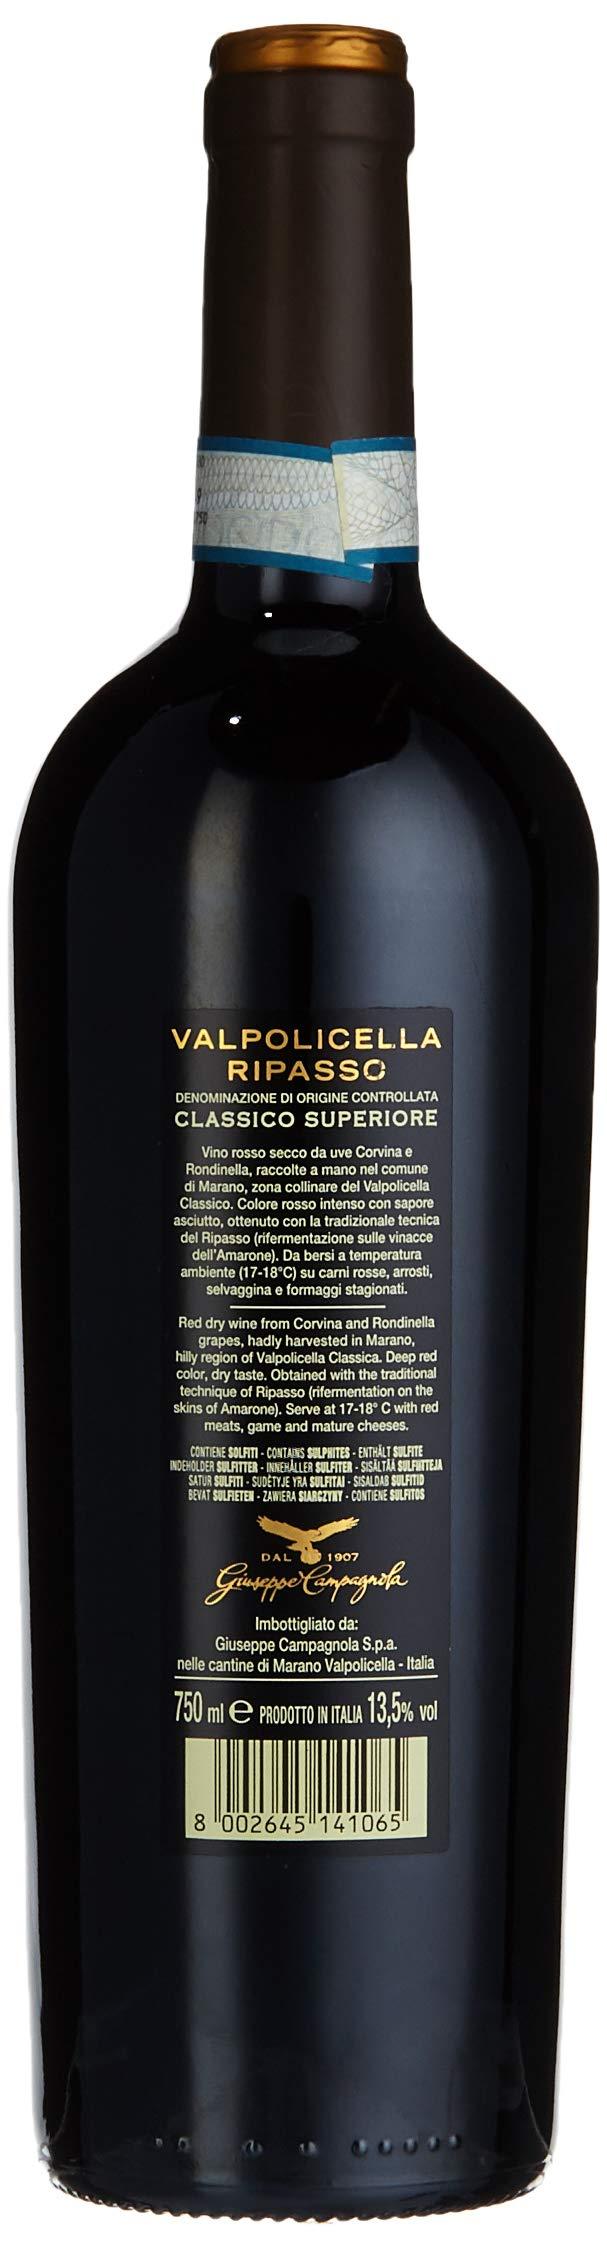 Giuseppe-Campagnola-Valpolicella-Ripasso-Classico-Superiore-DOC-20162017-6-x-075-l